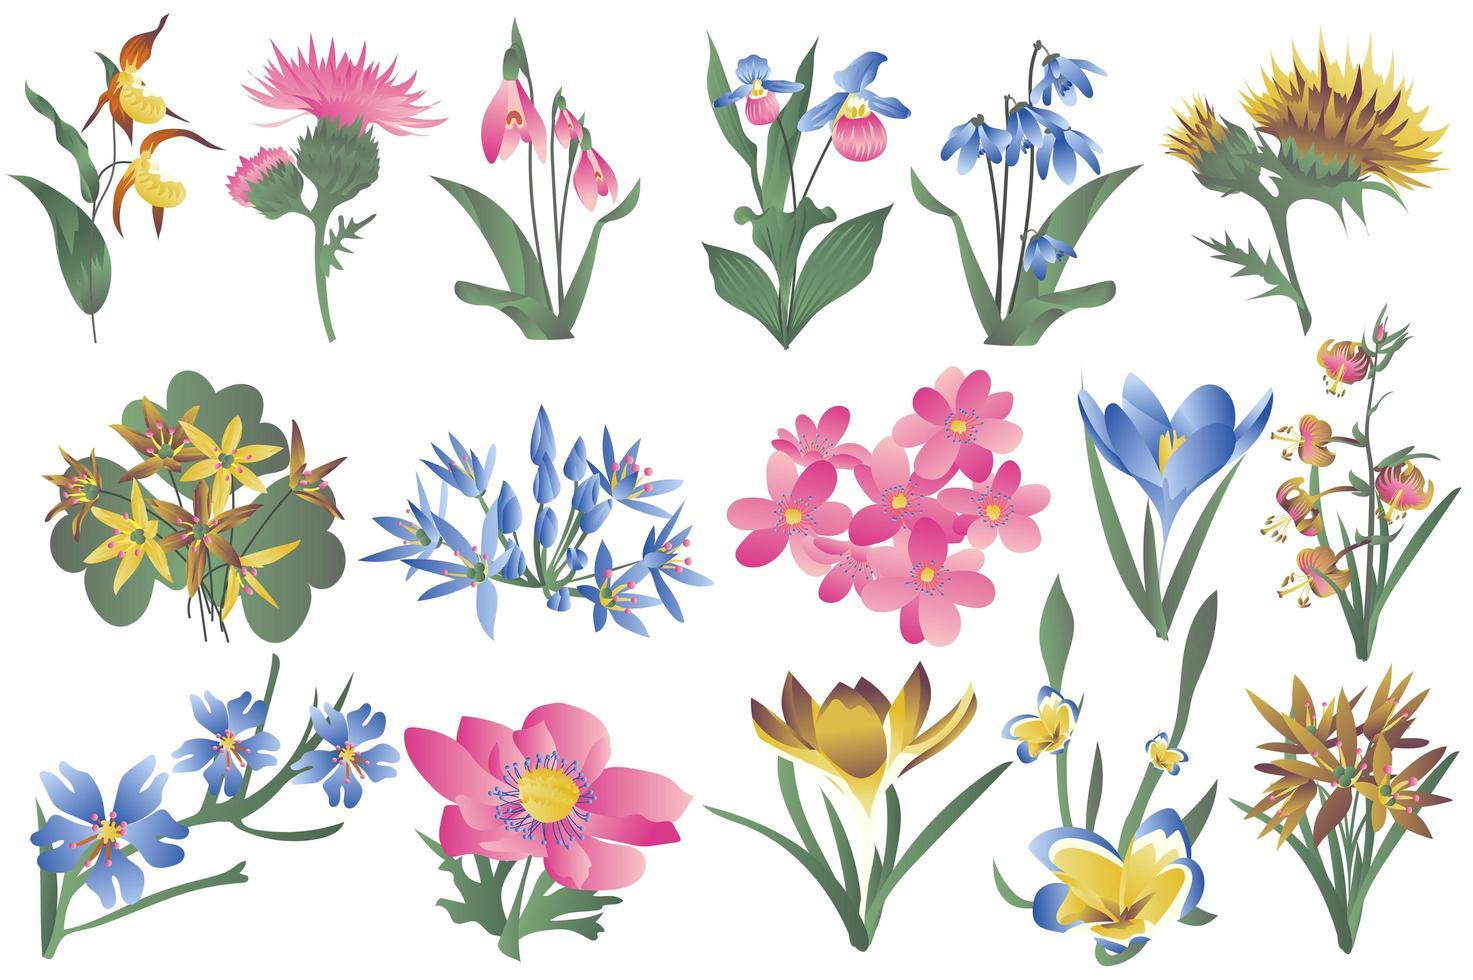 flores silvestres florescendo e um conjunto isolado de flores desabrochando vetor